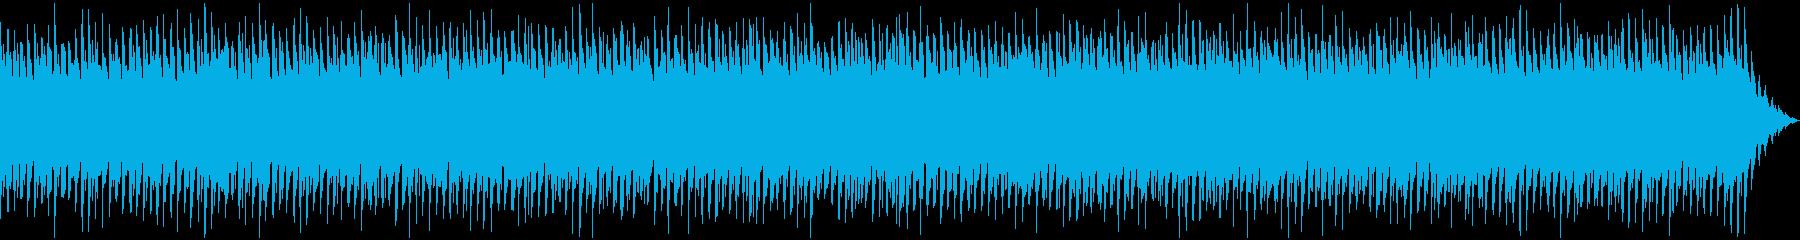 オシャレなイベントBGMの再生済みの波形